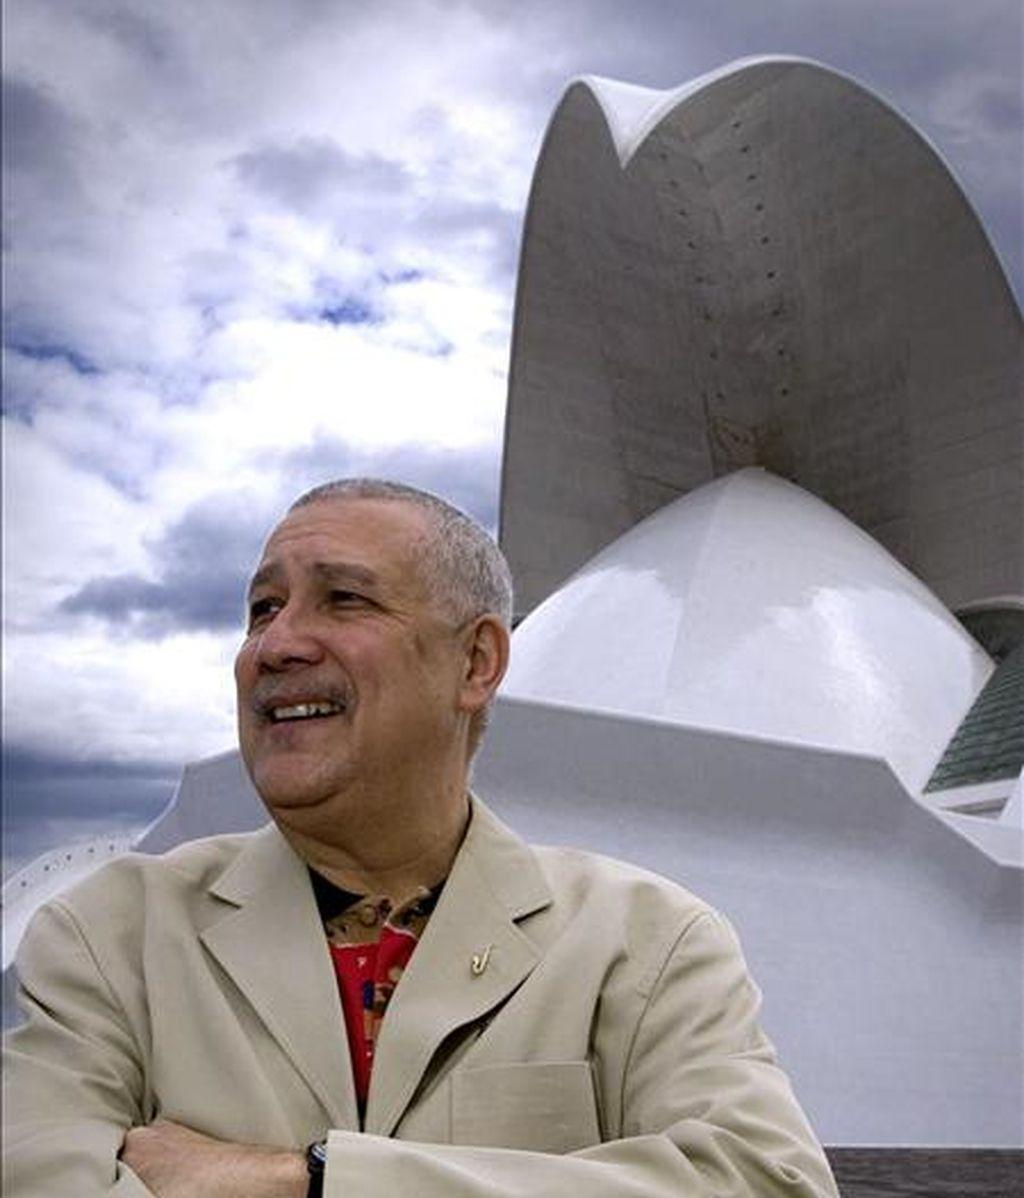 El reconocido músico cubano Paquito D'Rivera (em la imagen), director artístico del festival, convocó en esta ocasión al trompetista argentino Diego Urcola y el también trompetista brasileño Claudio Roditi. EFE/Archivo